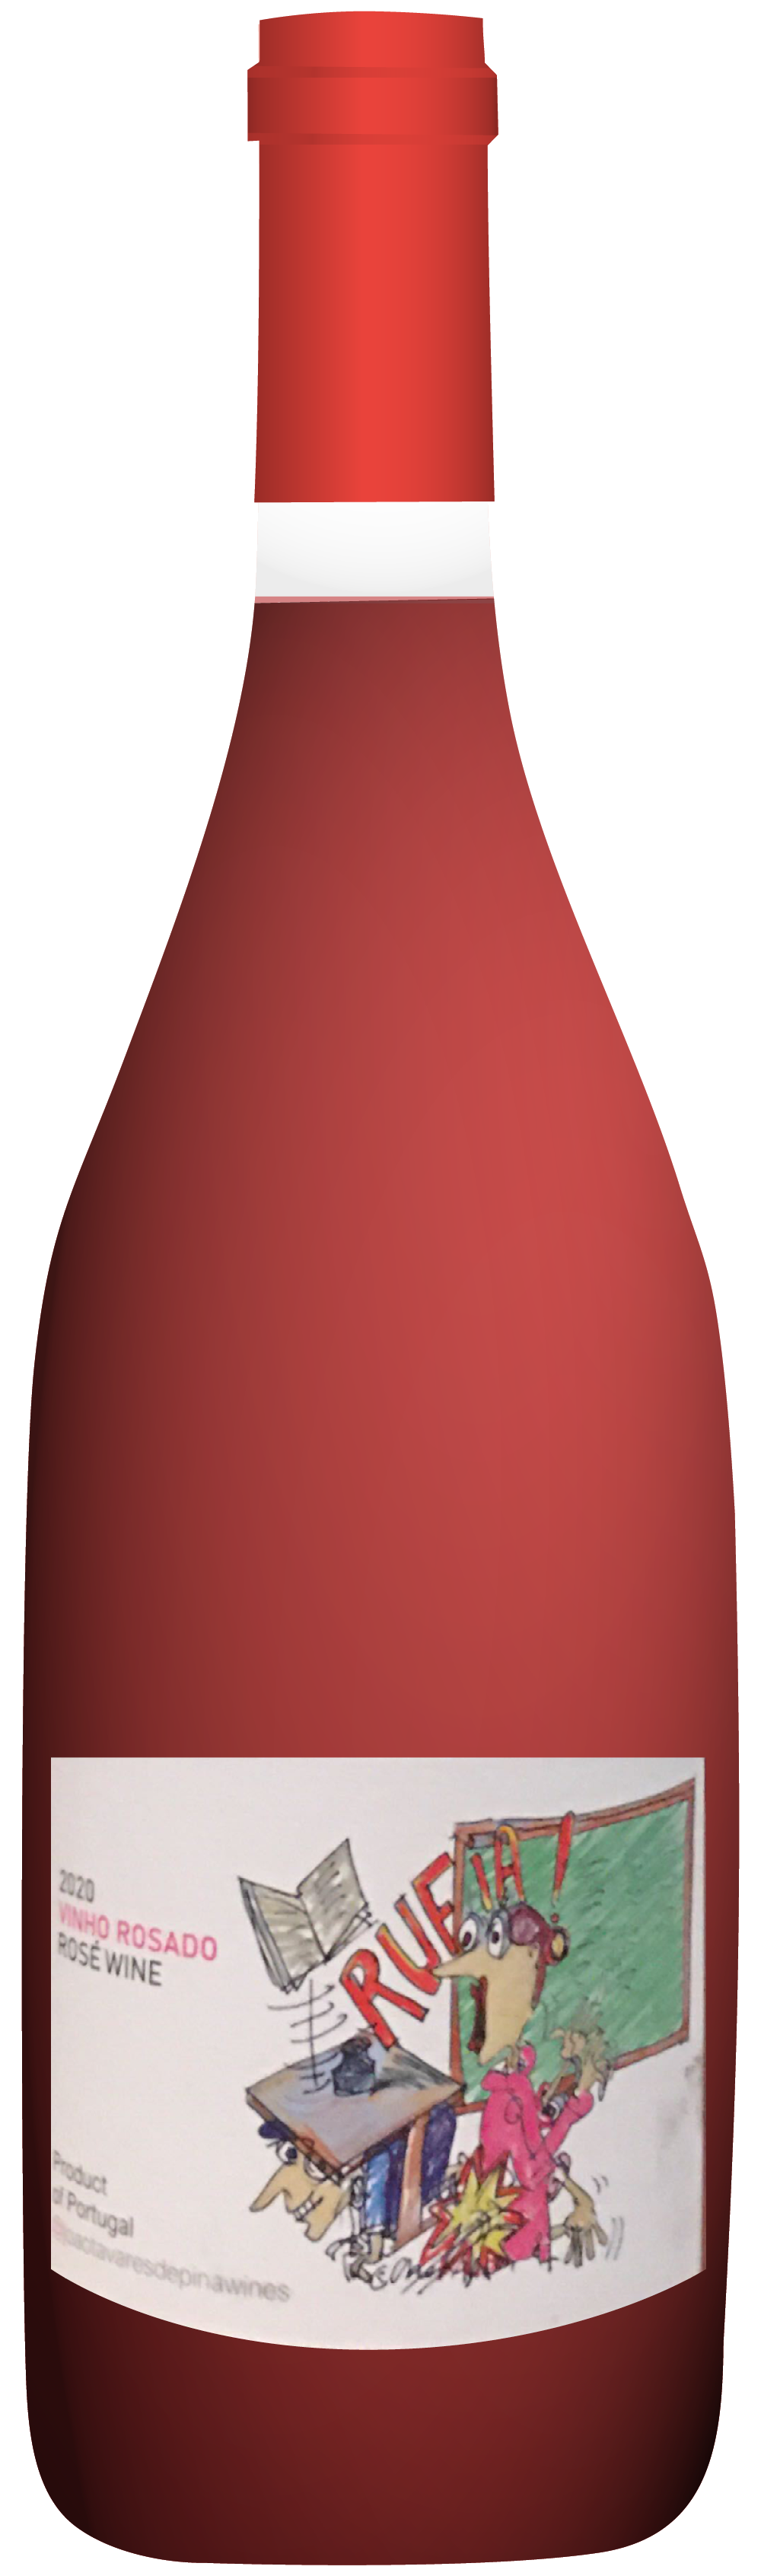 thenaturalwinecompany_october bottles_20215